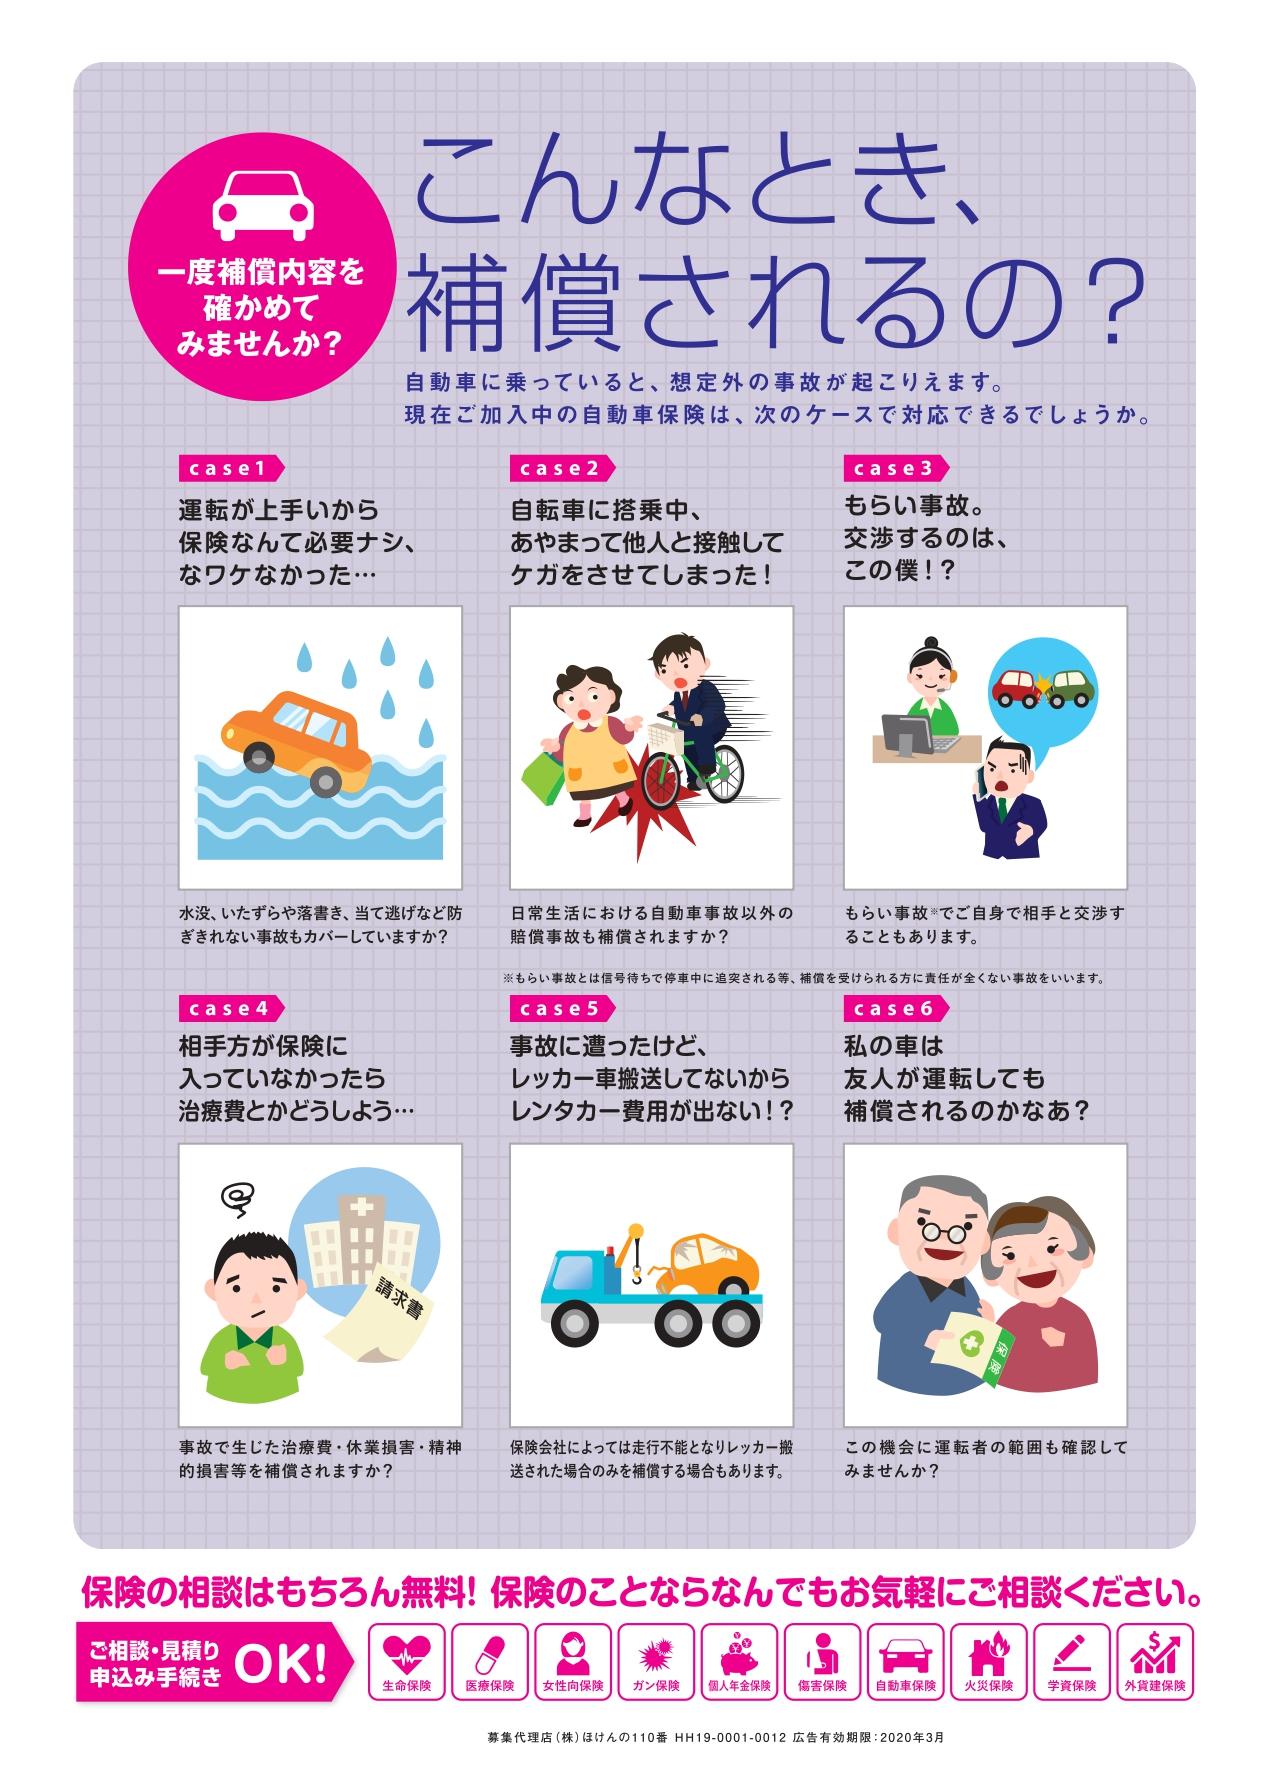 謳堺ソ昴メ繝ゥ繧キA4_page-0002.jpg